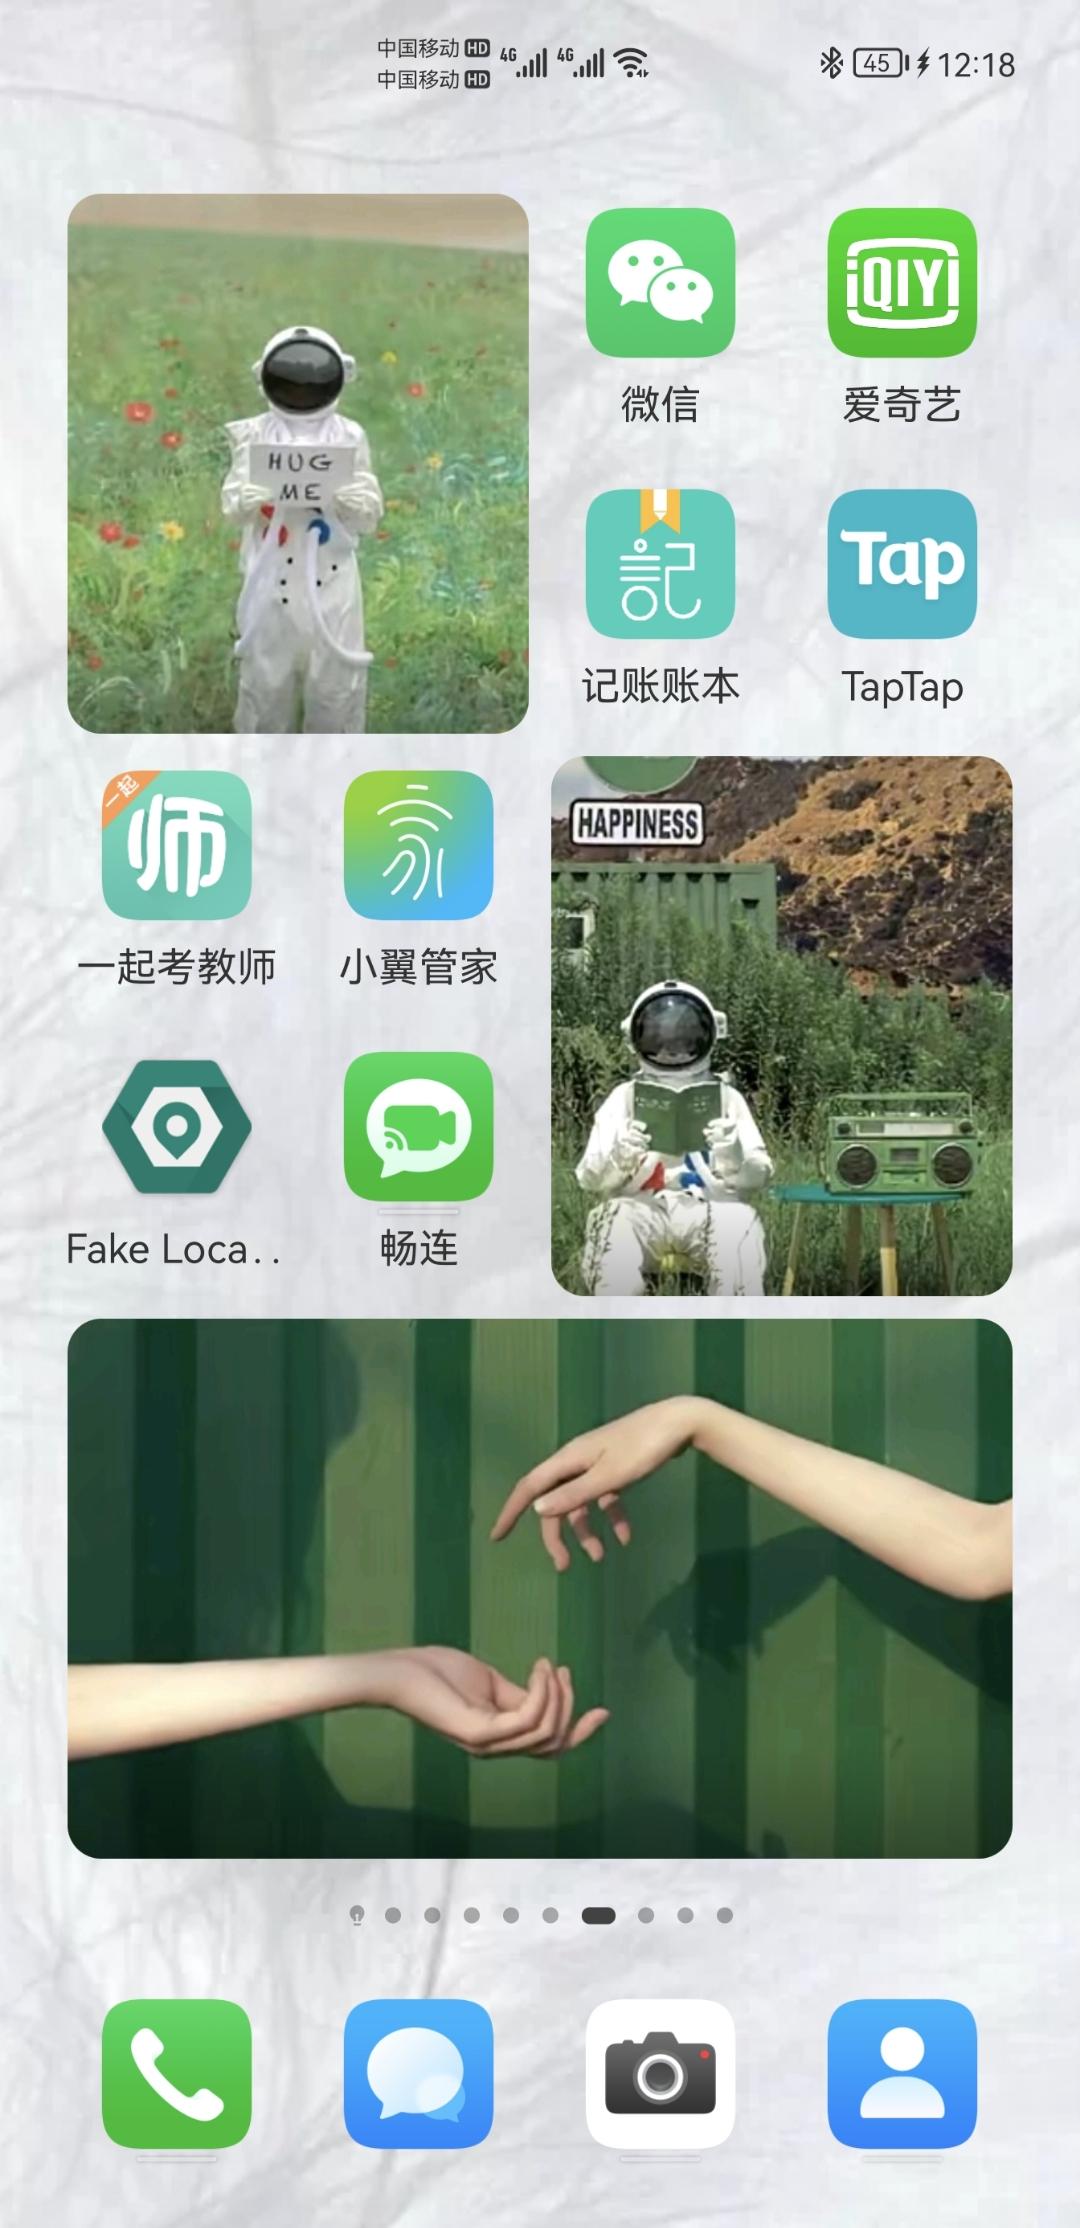 Screenshot_20210612_121814_com.huawei.android.launcher.jpg